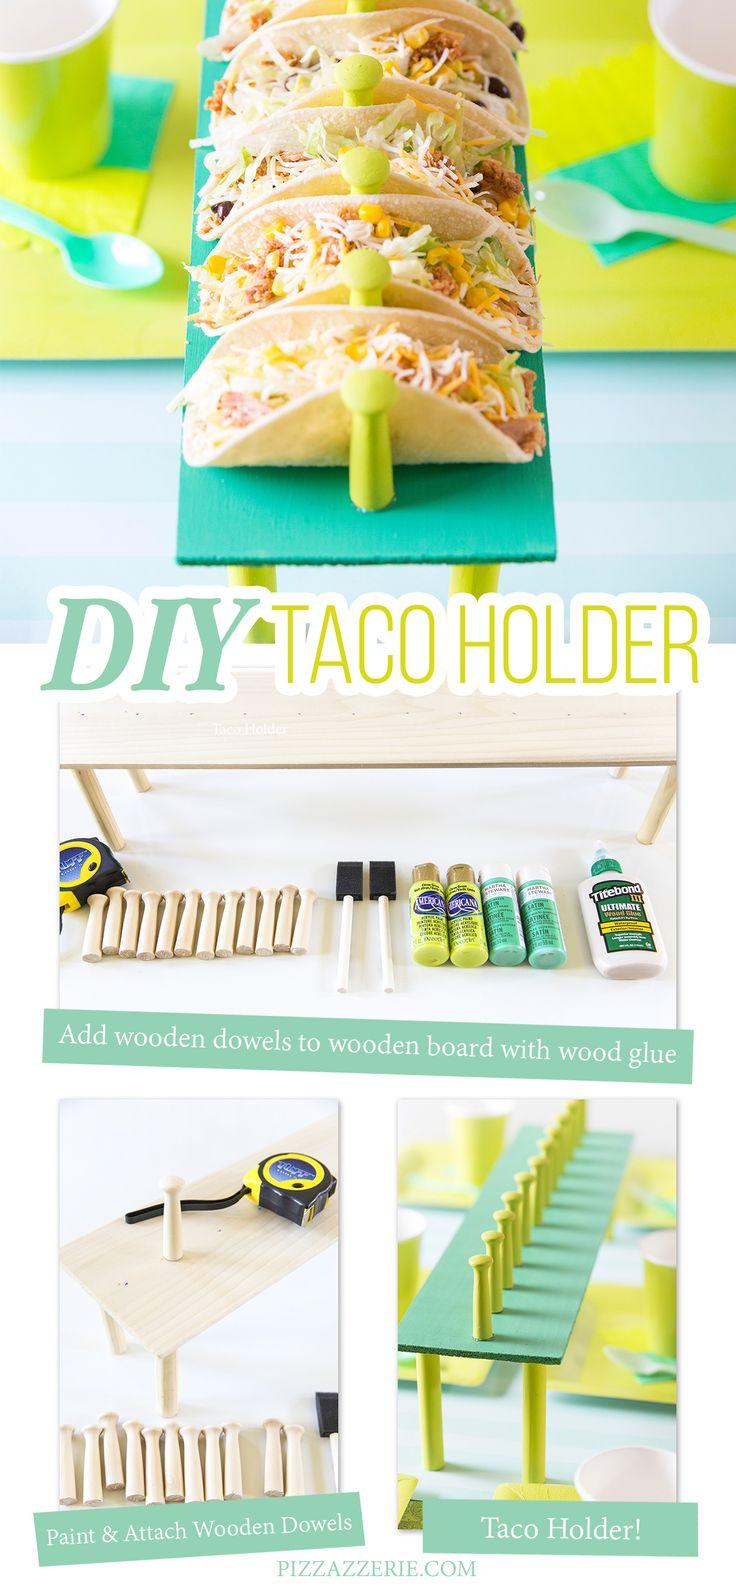 How to Make a DIY Taco Holder! Pizzazzerie.com